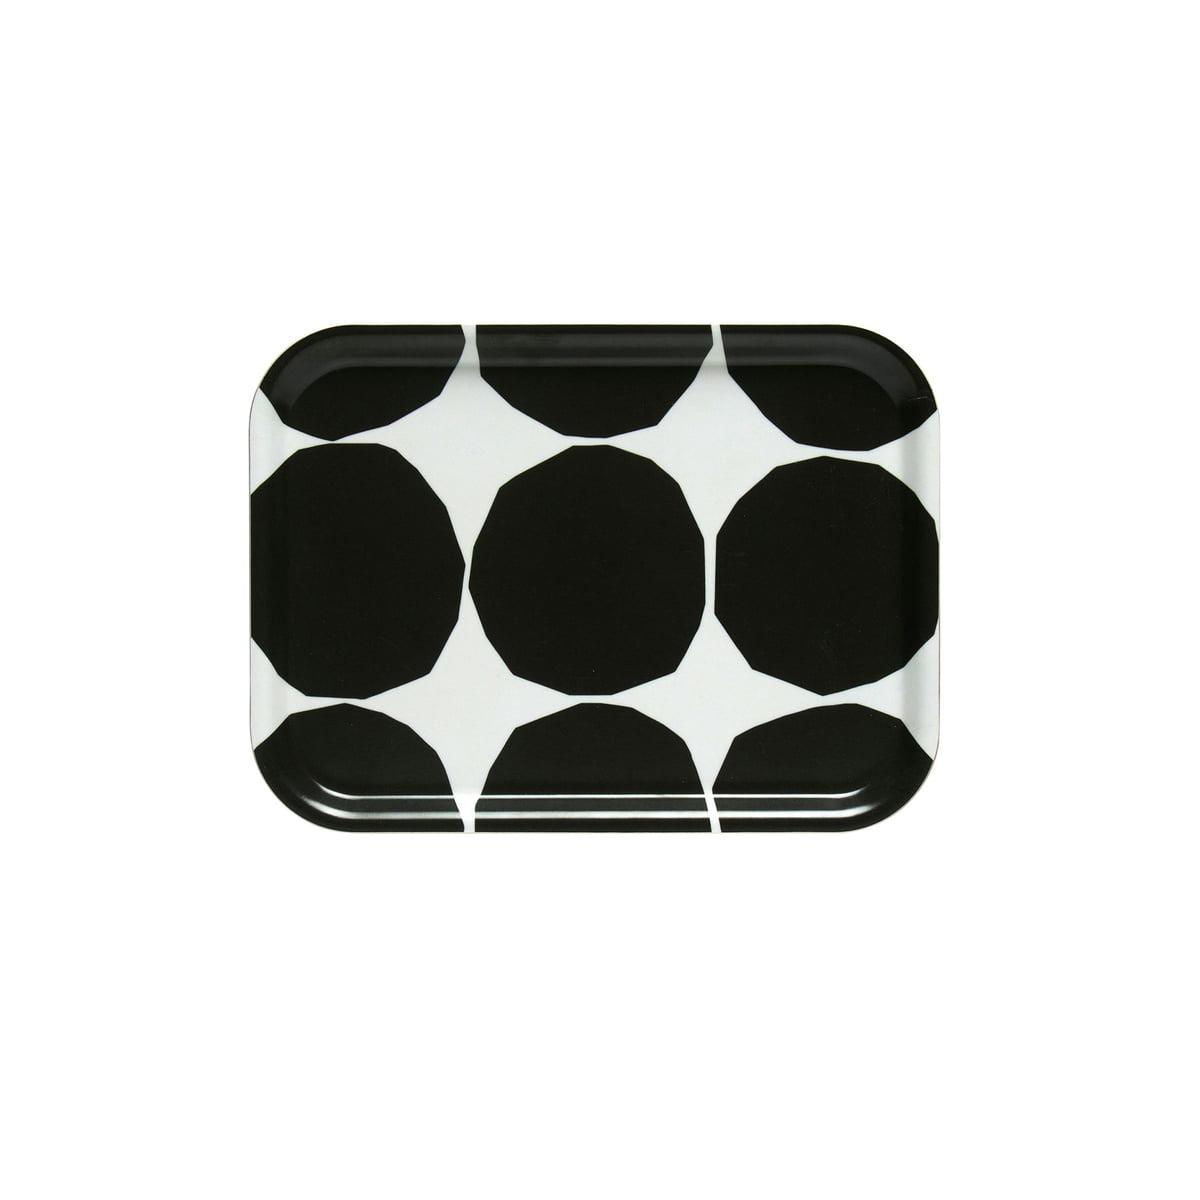 Marimekko - Kivet Tablett 27 x 20 cm, weiß / schwarz (Frühling/Sommer 2019)   Dekoration > Aufbewahrung und Ordnung   Schwarz/weiß   marimekko